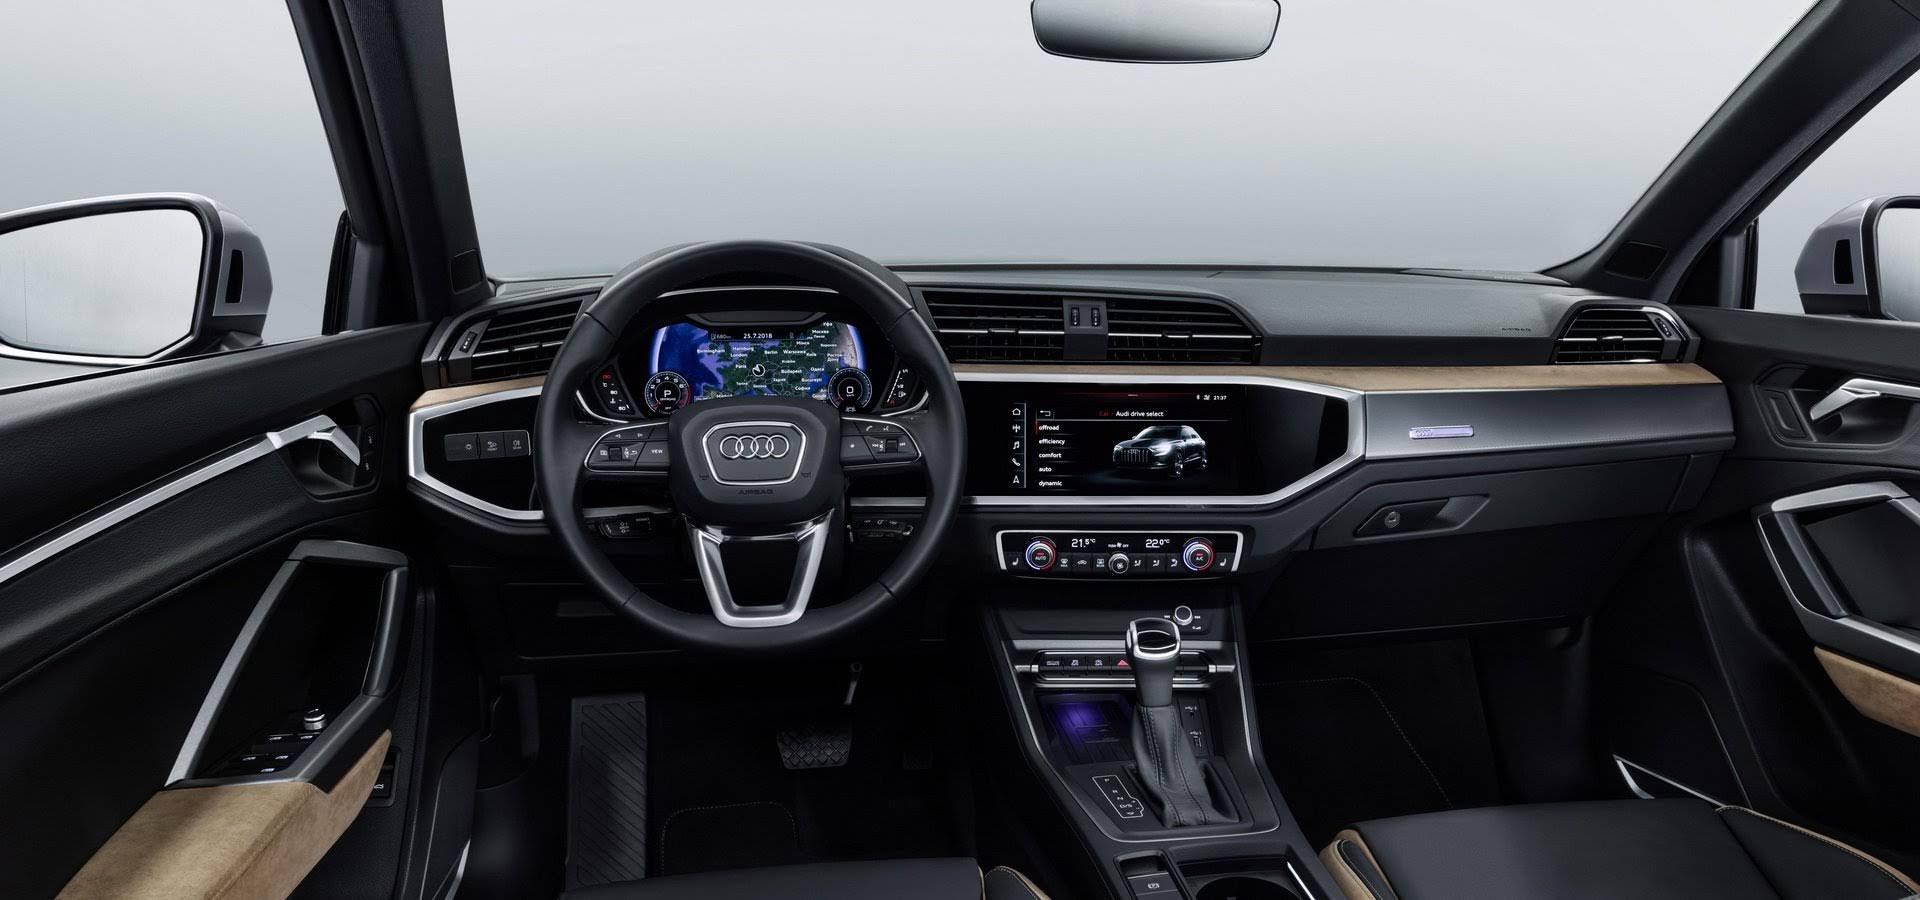 Q0OQQ2uchFzgQZQWiQJUQwI6gTVbv9tGsvg6YLVEqLWz8jiv9c1CPs3cWJkHGUDiZtJPmdghjhvEzrj16VUbEhEIv4M6VUTa7SA2IJqb7KpWmC5JcVoDiyvR1MvMfUo77gEXtO9LkA=w2400 - ¡Nuevo Audi Q3 filtrado!